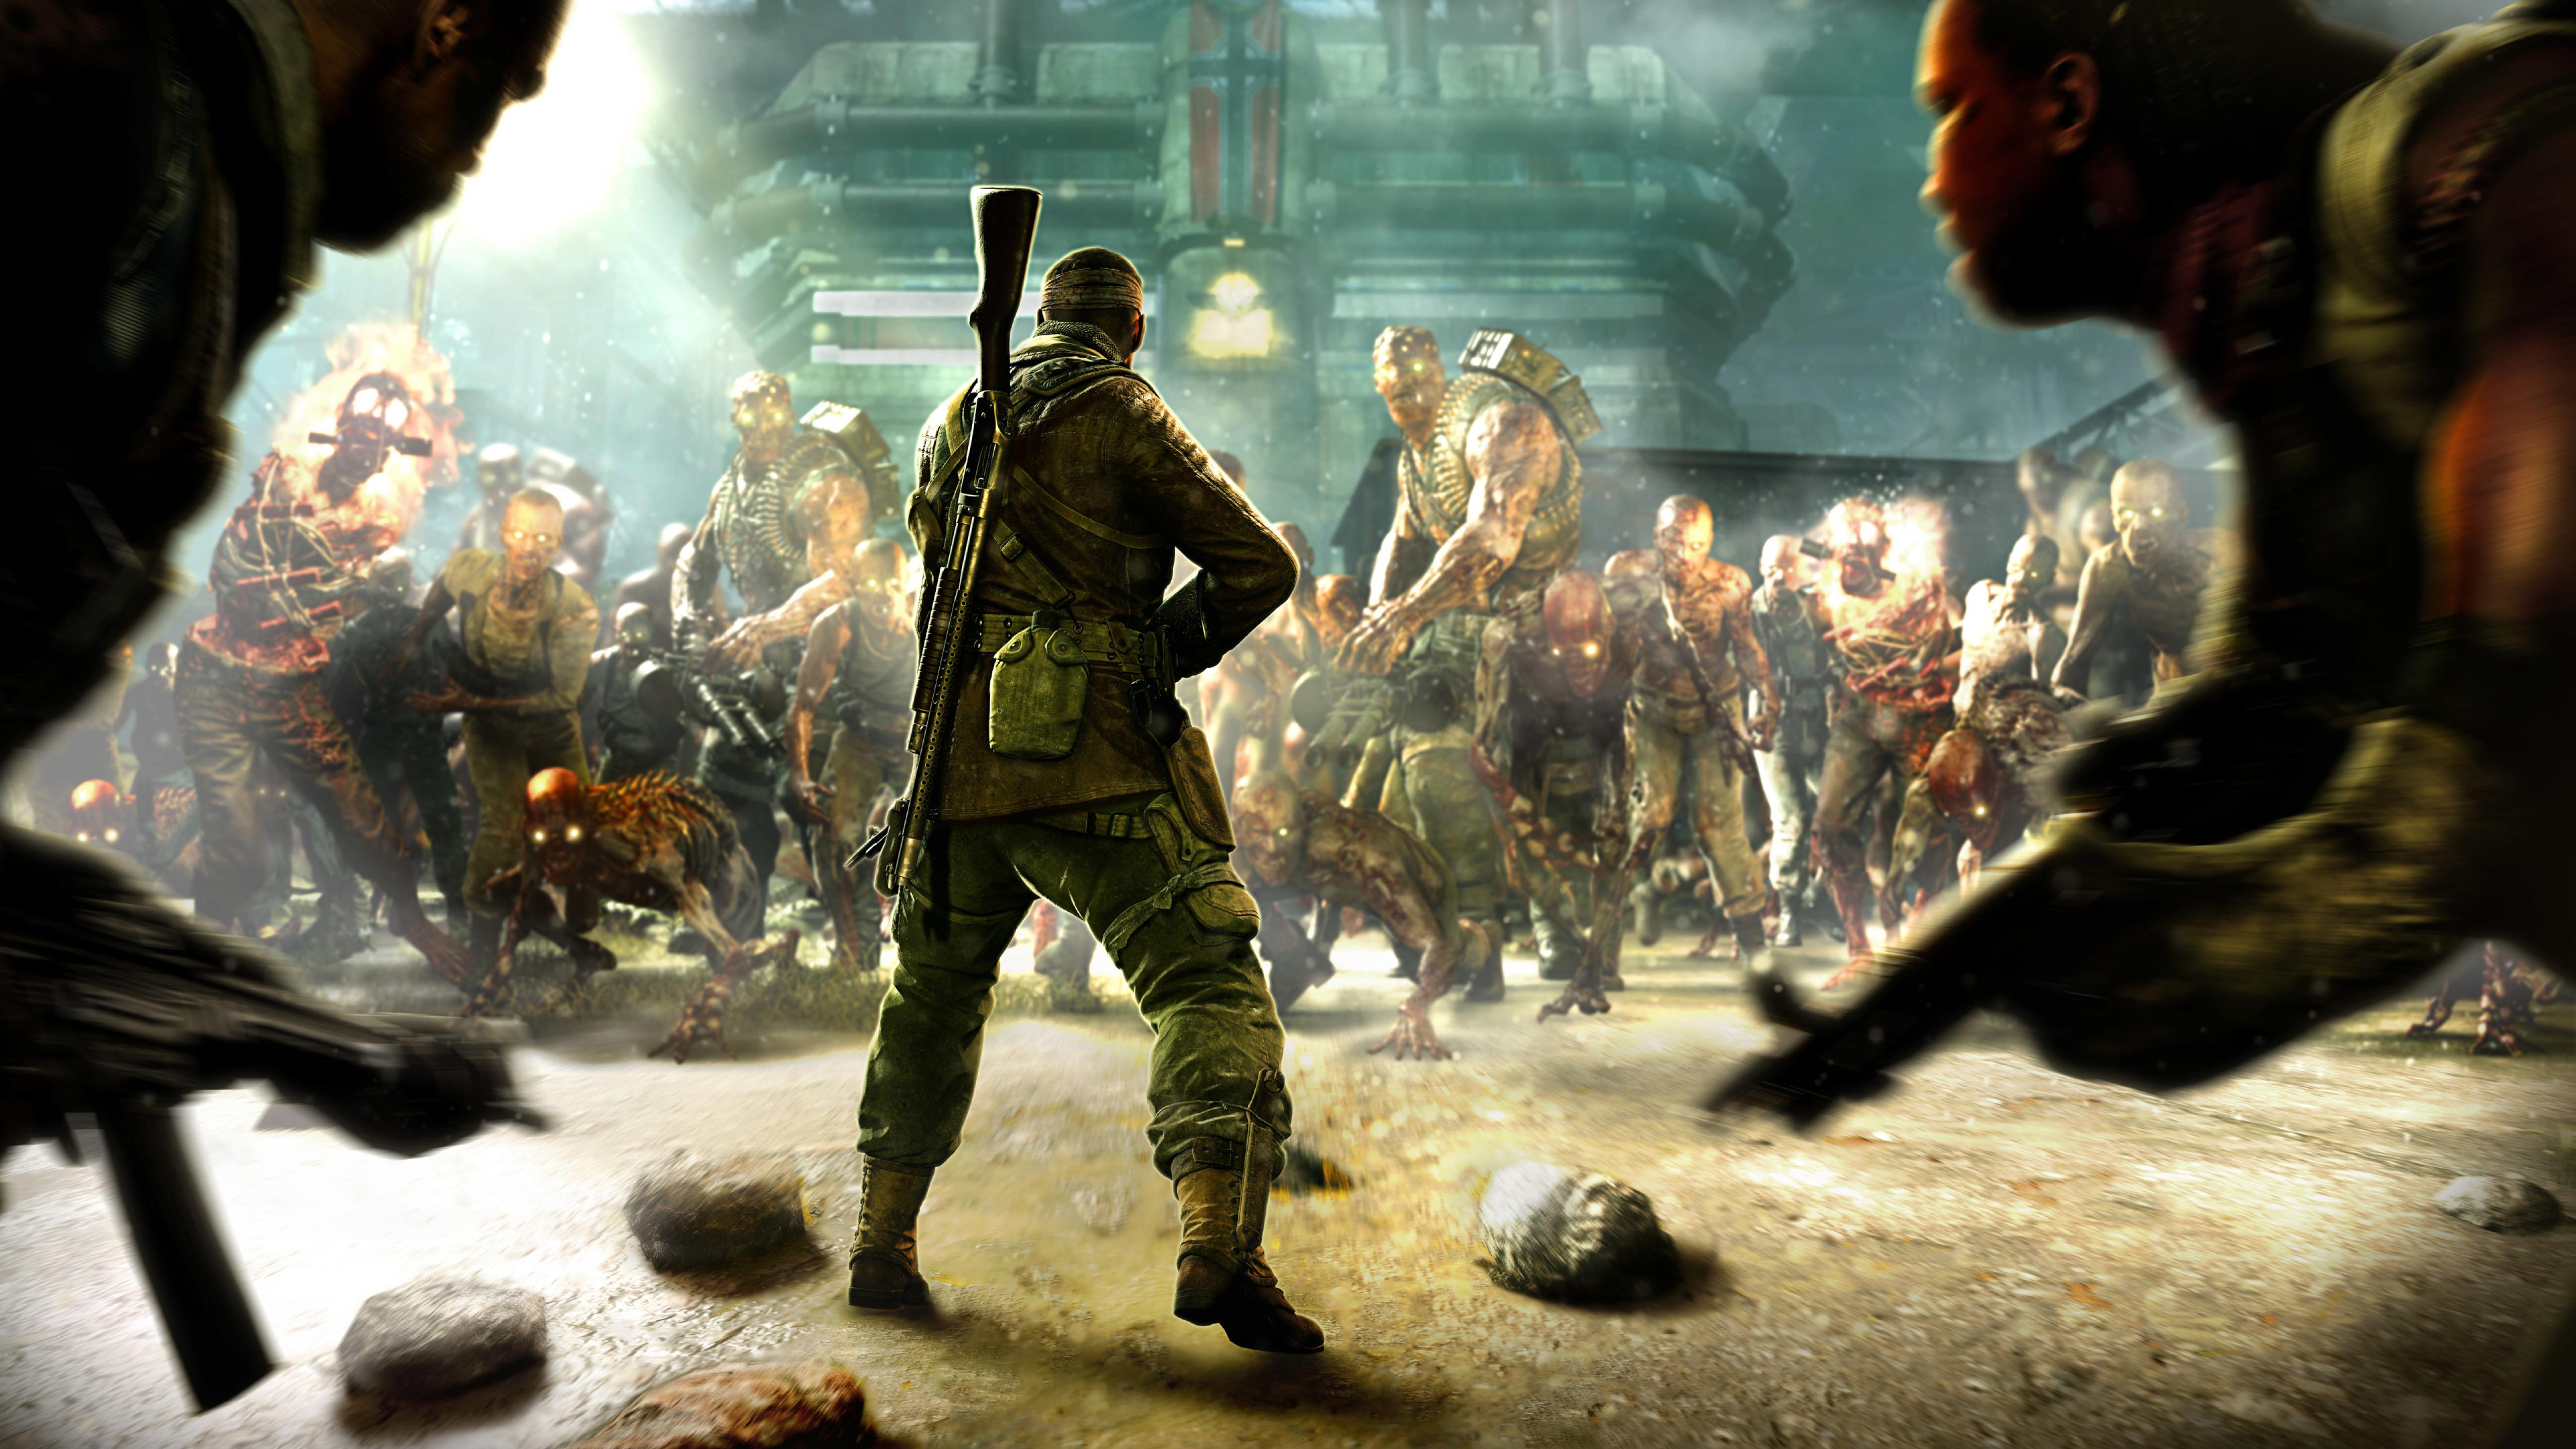 [Image: zombie-army-4-2020_68931_5120x2880.jpg]